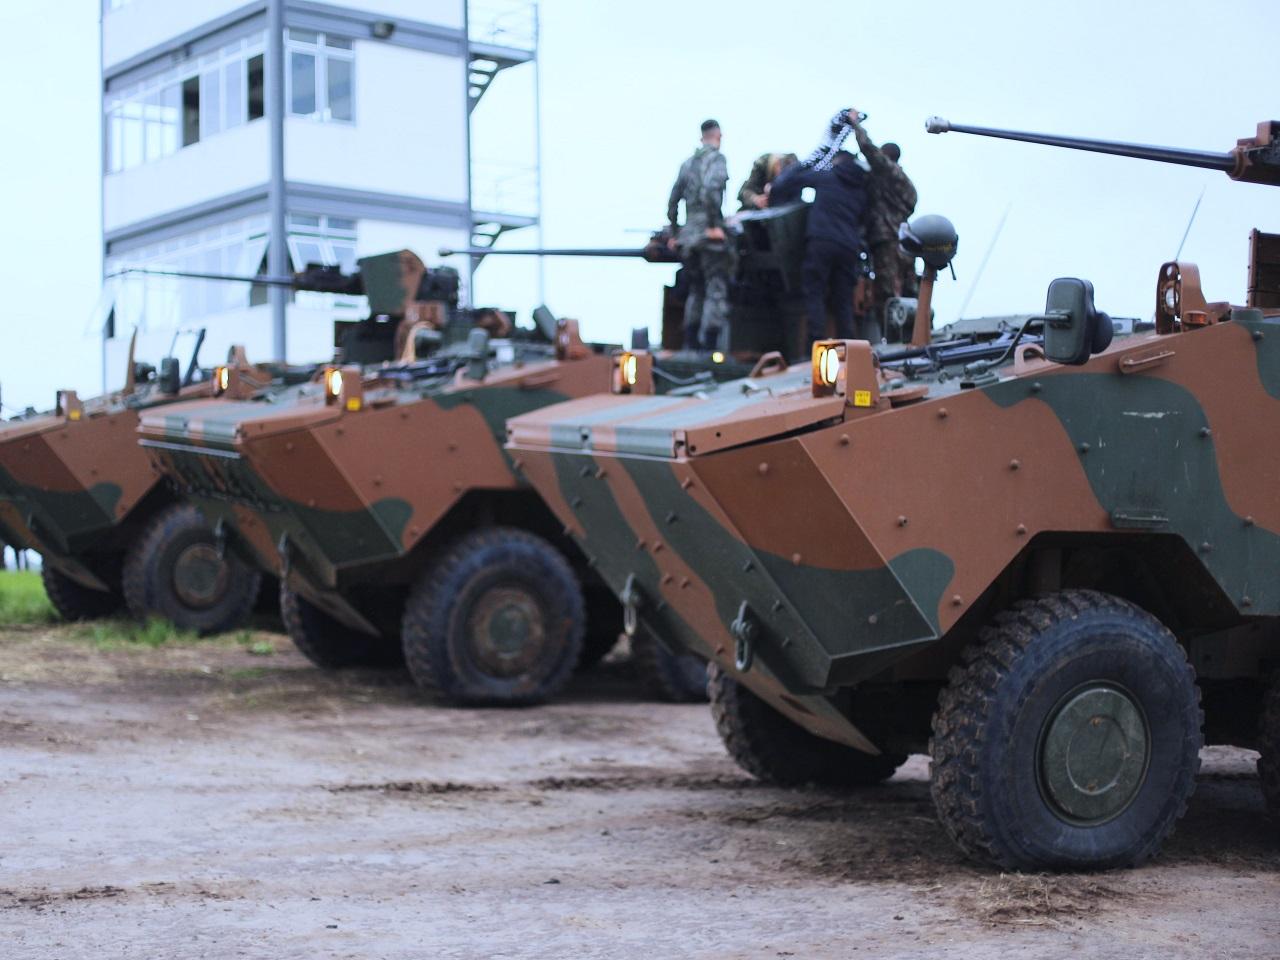 EJÉRCITO BRASILEÑO - Página 28 Demonstra%C3%A7%C3%A3o-de-ataque-coordenado-na-15%C2%AA-Bda-Inf-Mec-6